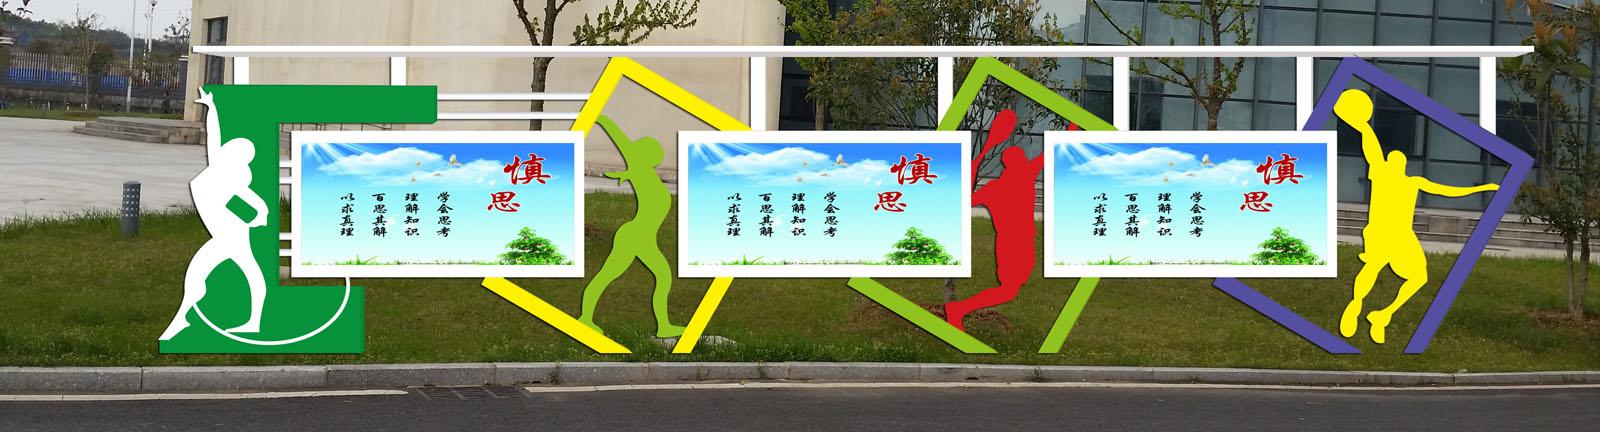 锦州公交候车亭